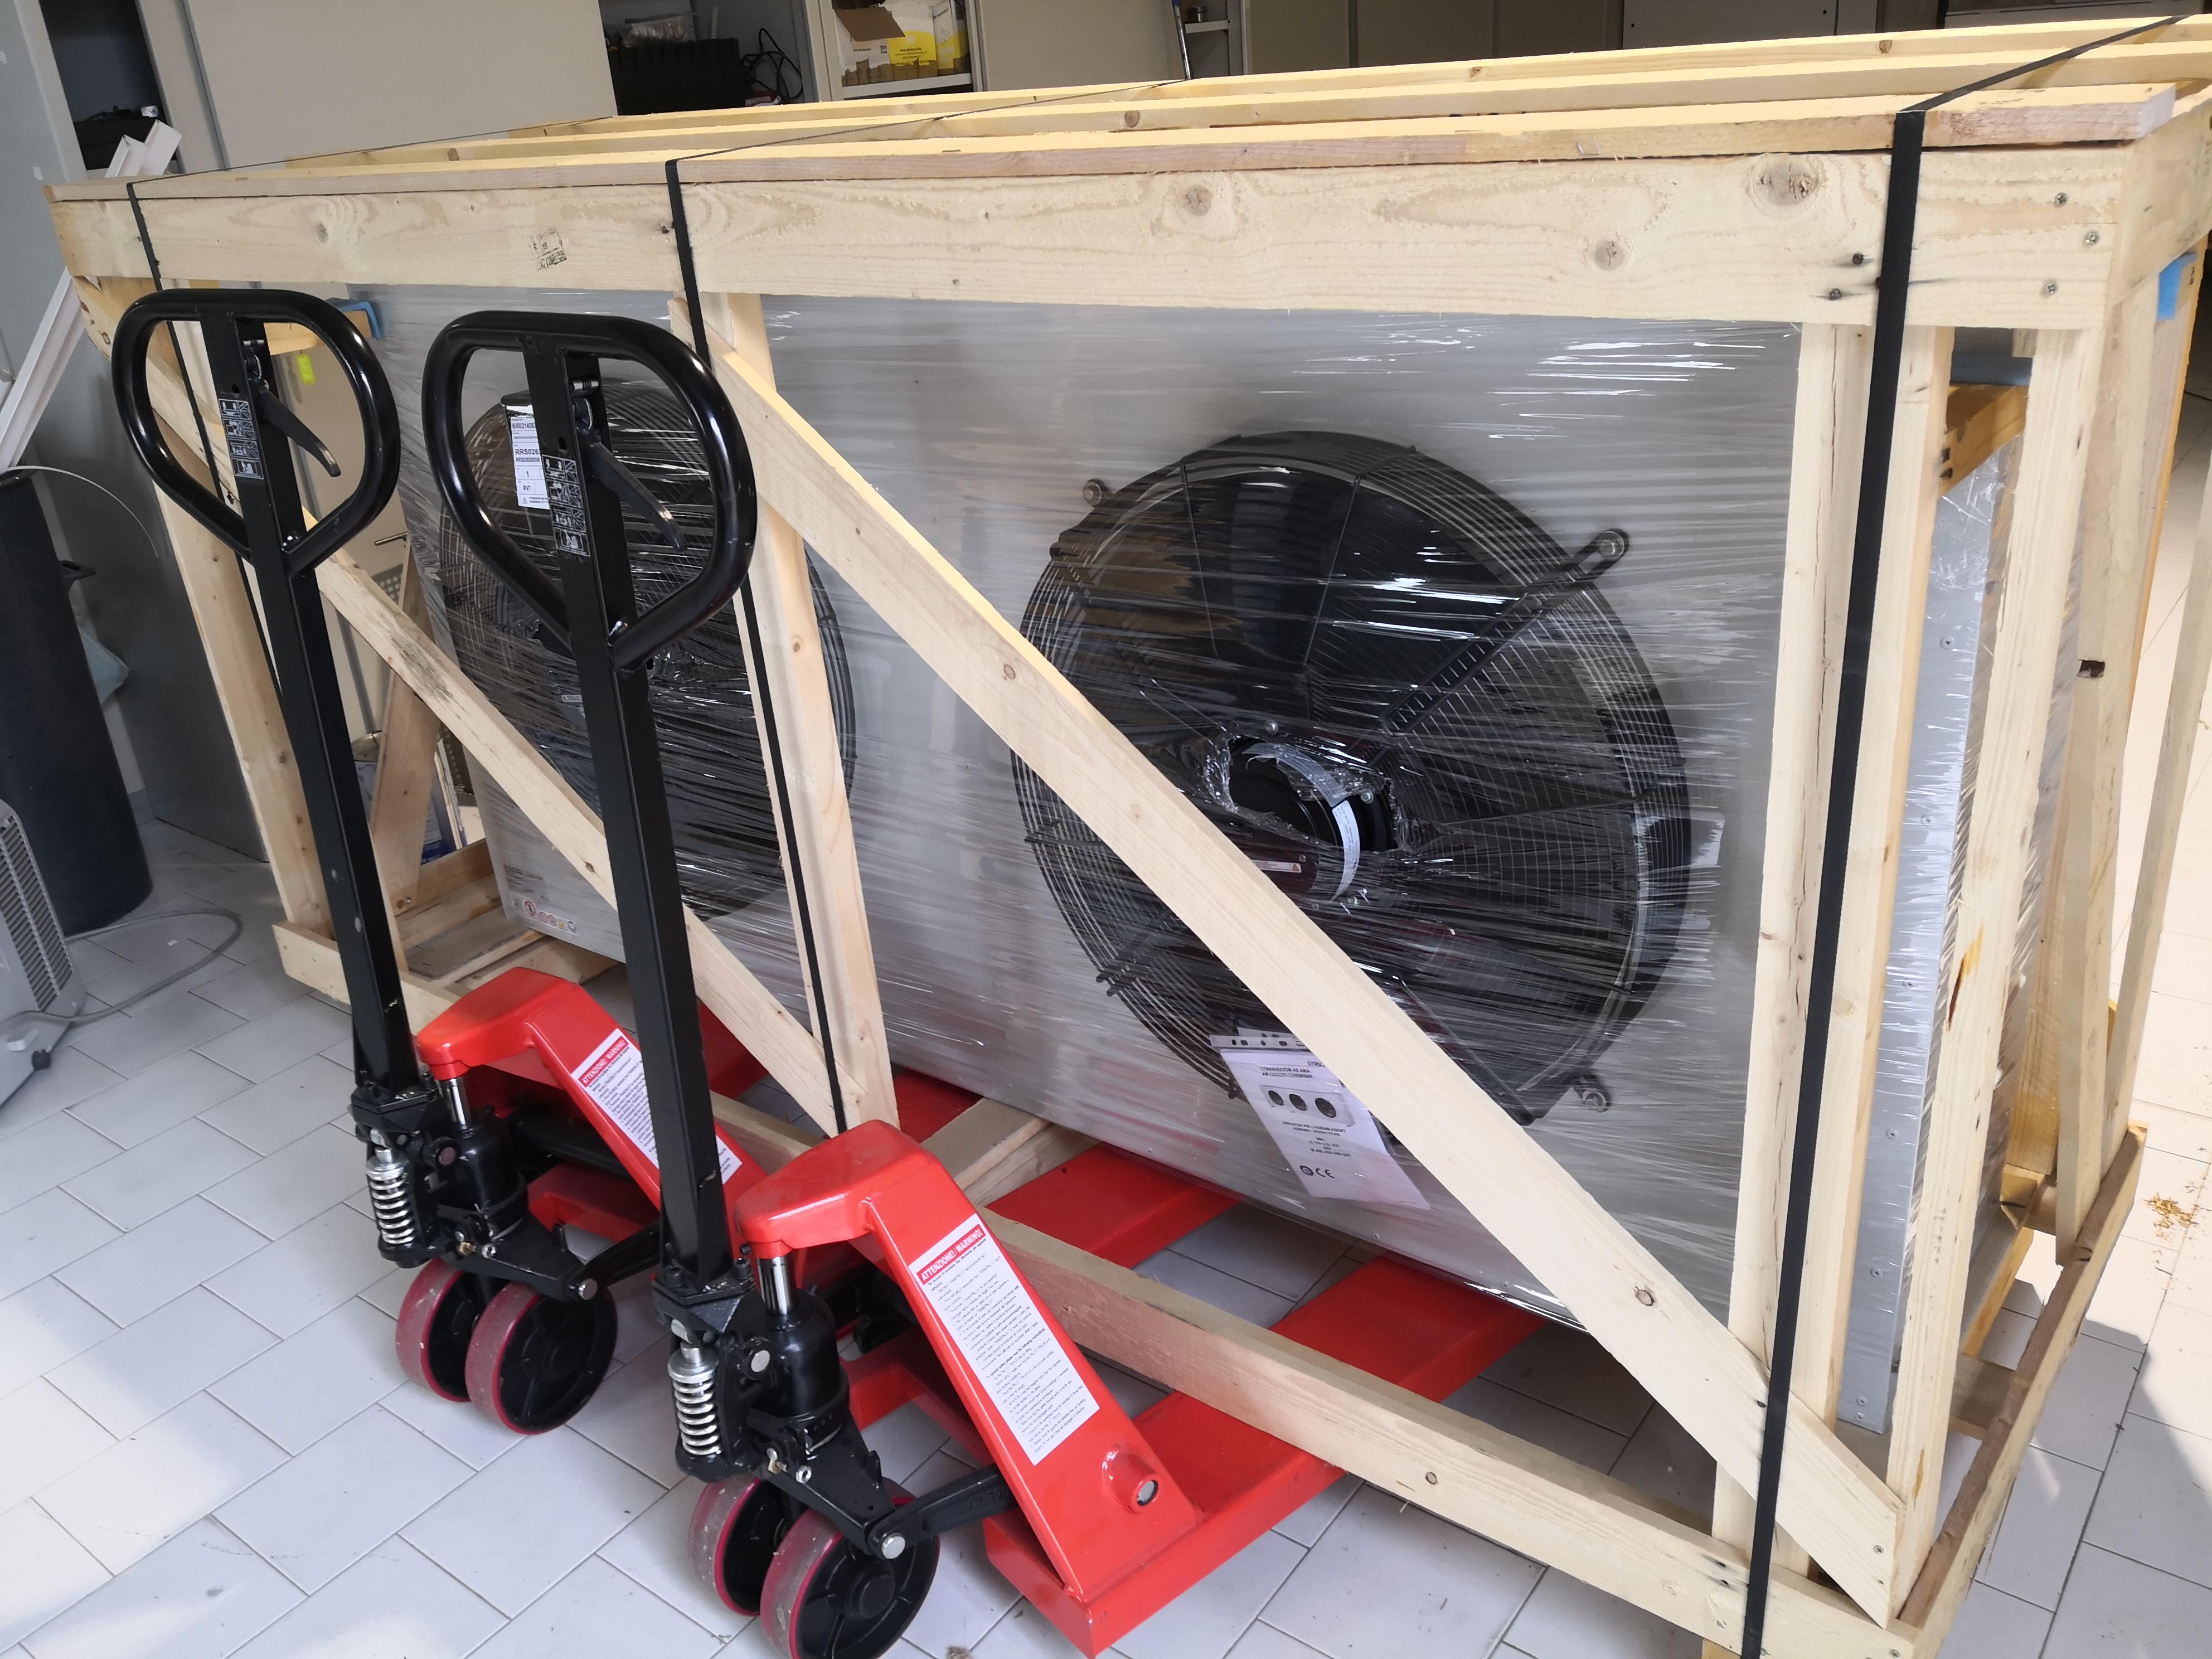 Condensatore scambiatore per refrigerazione in vendita - foto 1